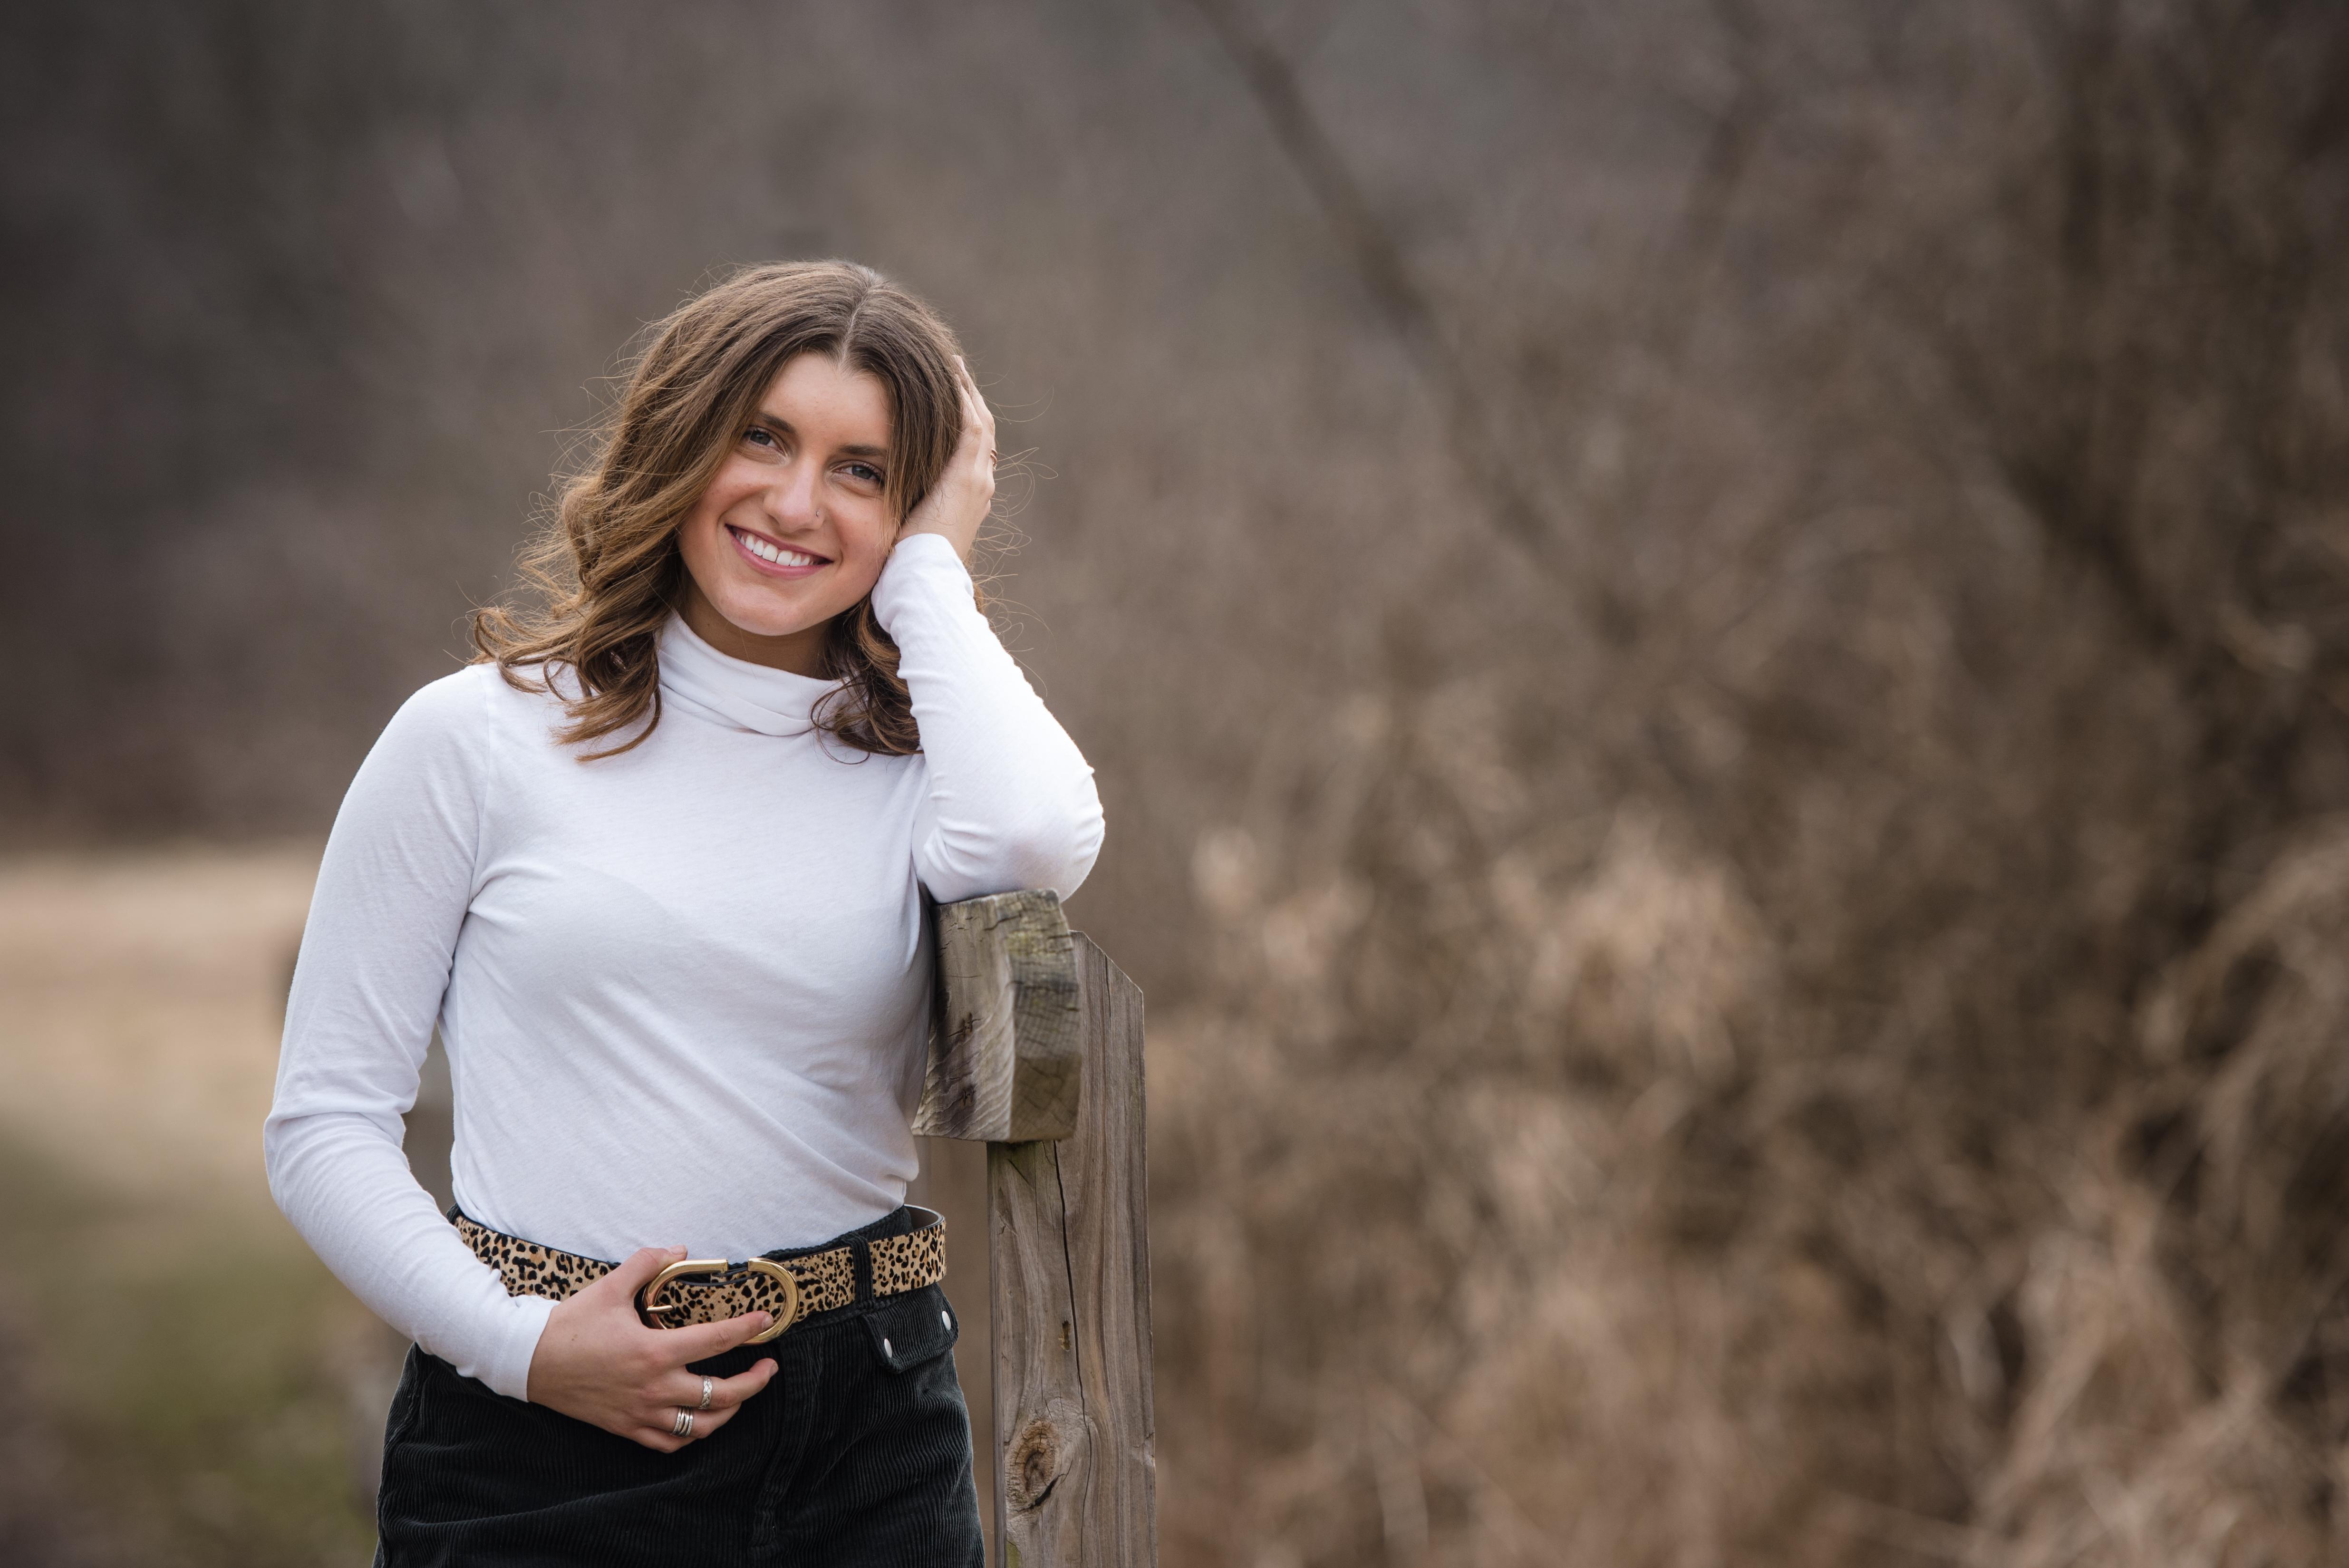 Natalie's Senior Portraits